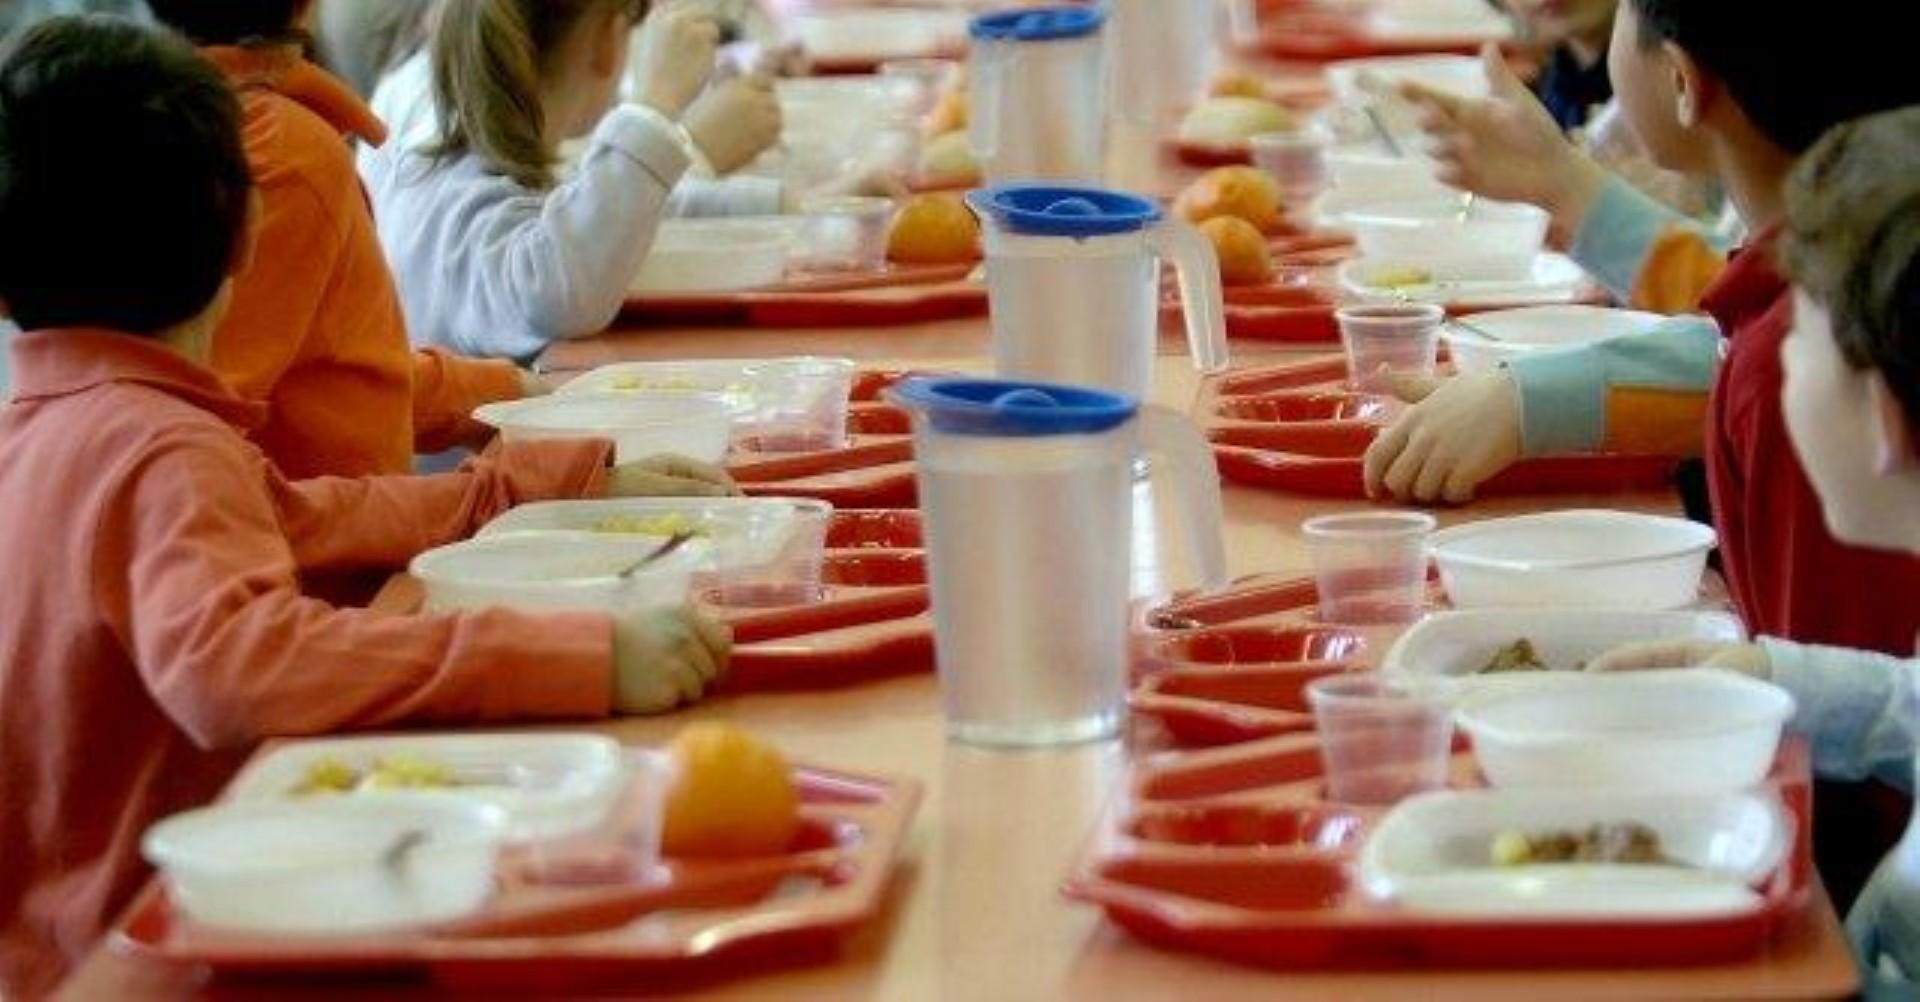 Arriva il menu senza glutine nelle scuole milanesi